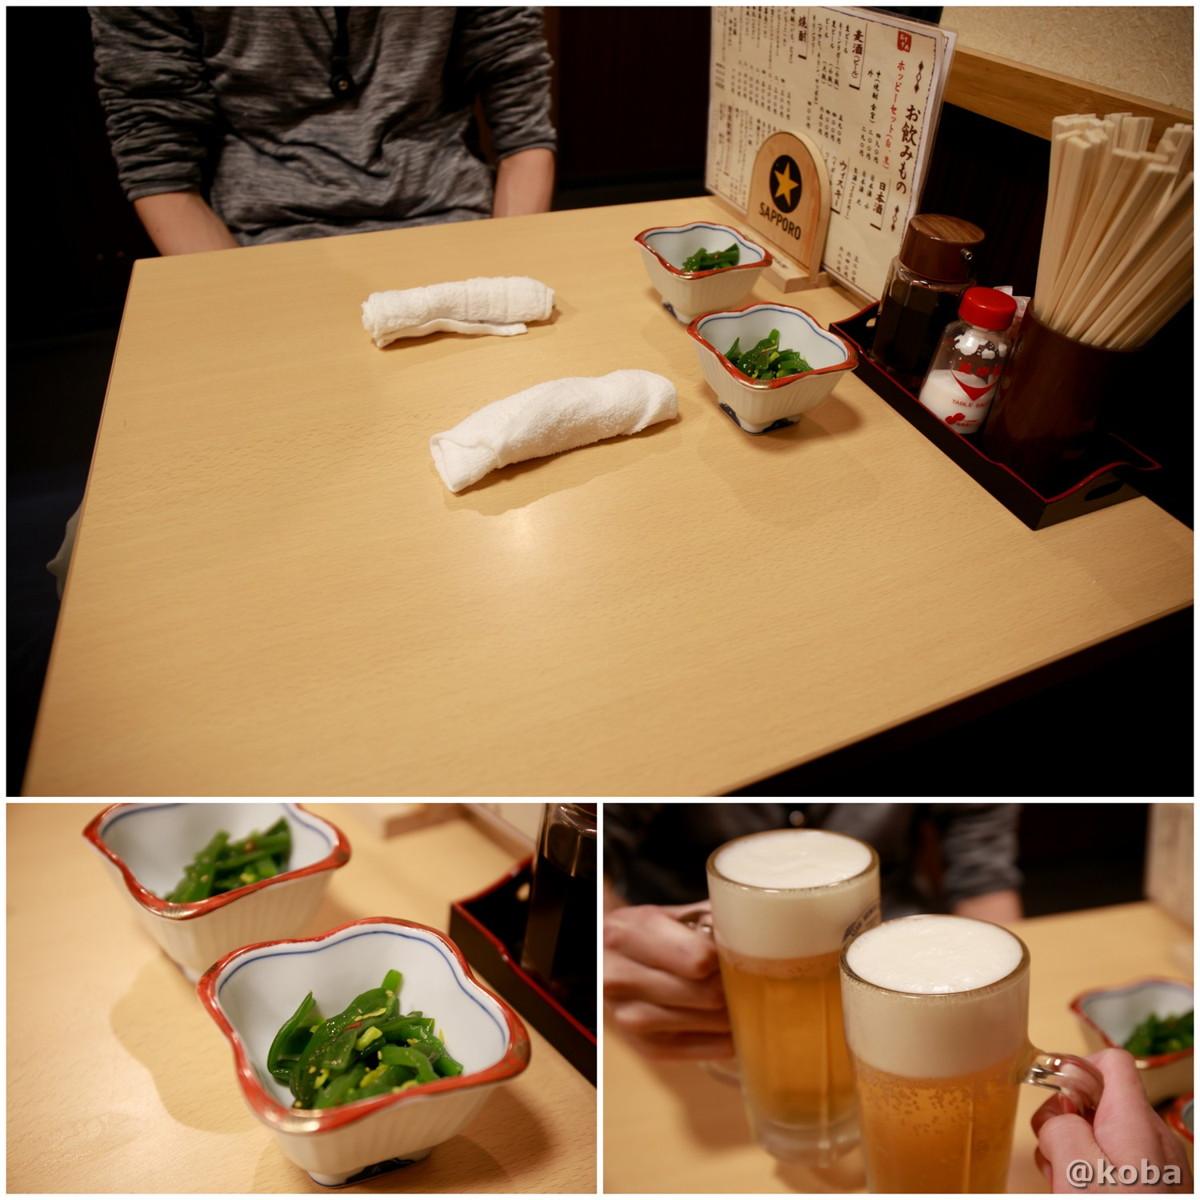 一階 テーブル席・お通し・アサヒ生ビールの写真|大衆酒蔵 鳥益(とります)焼鳥・居酒屋|東京都葛飾区・新小岩